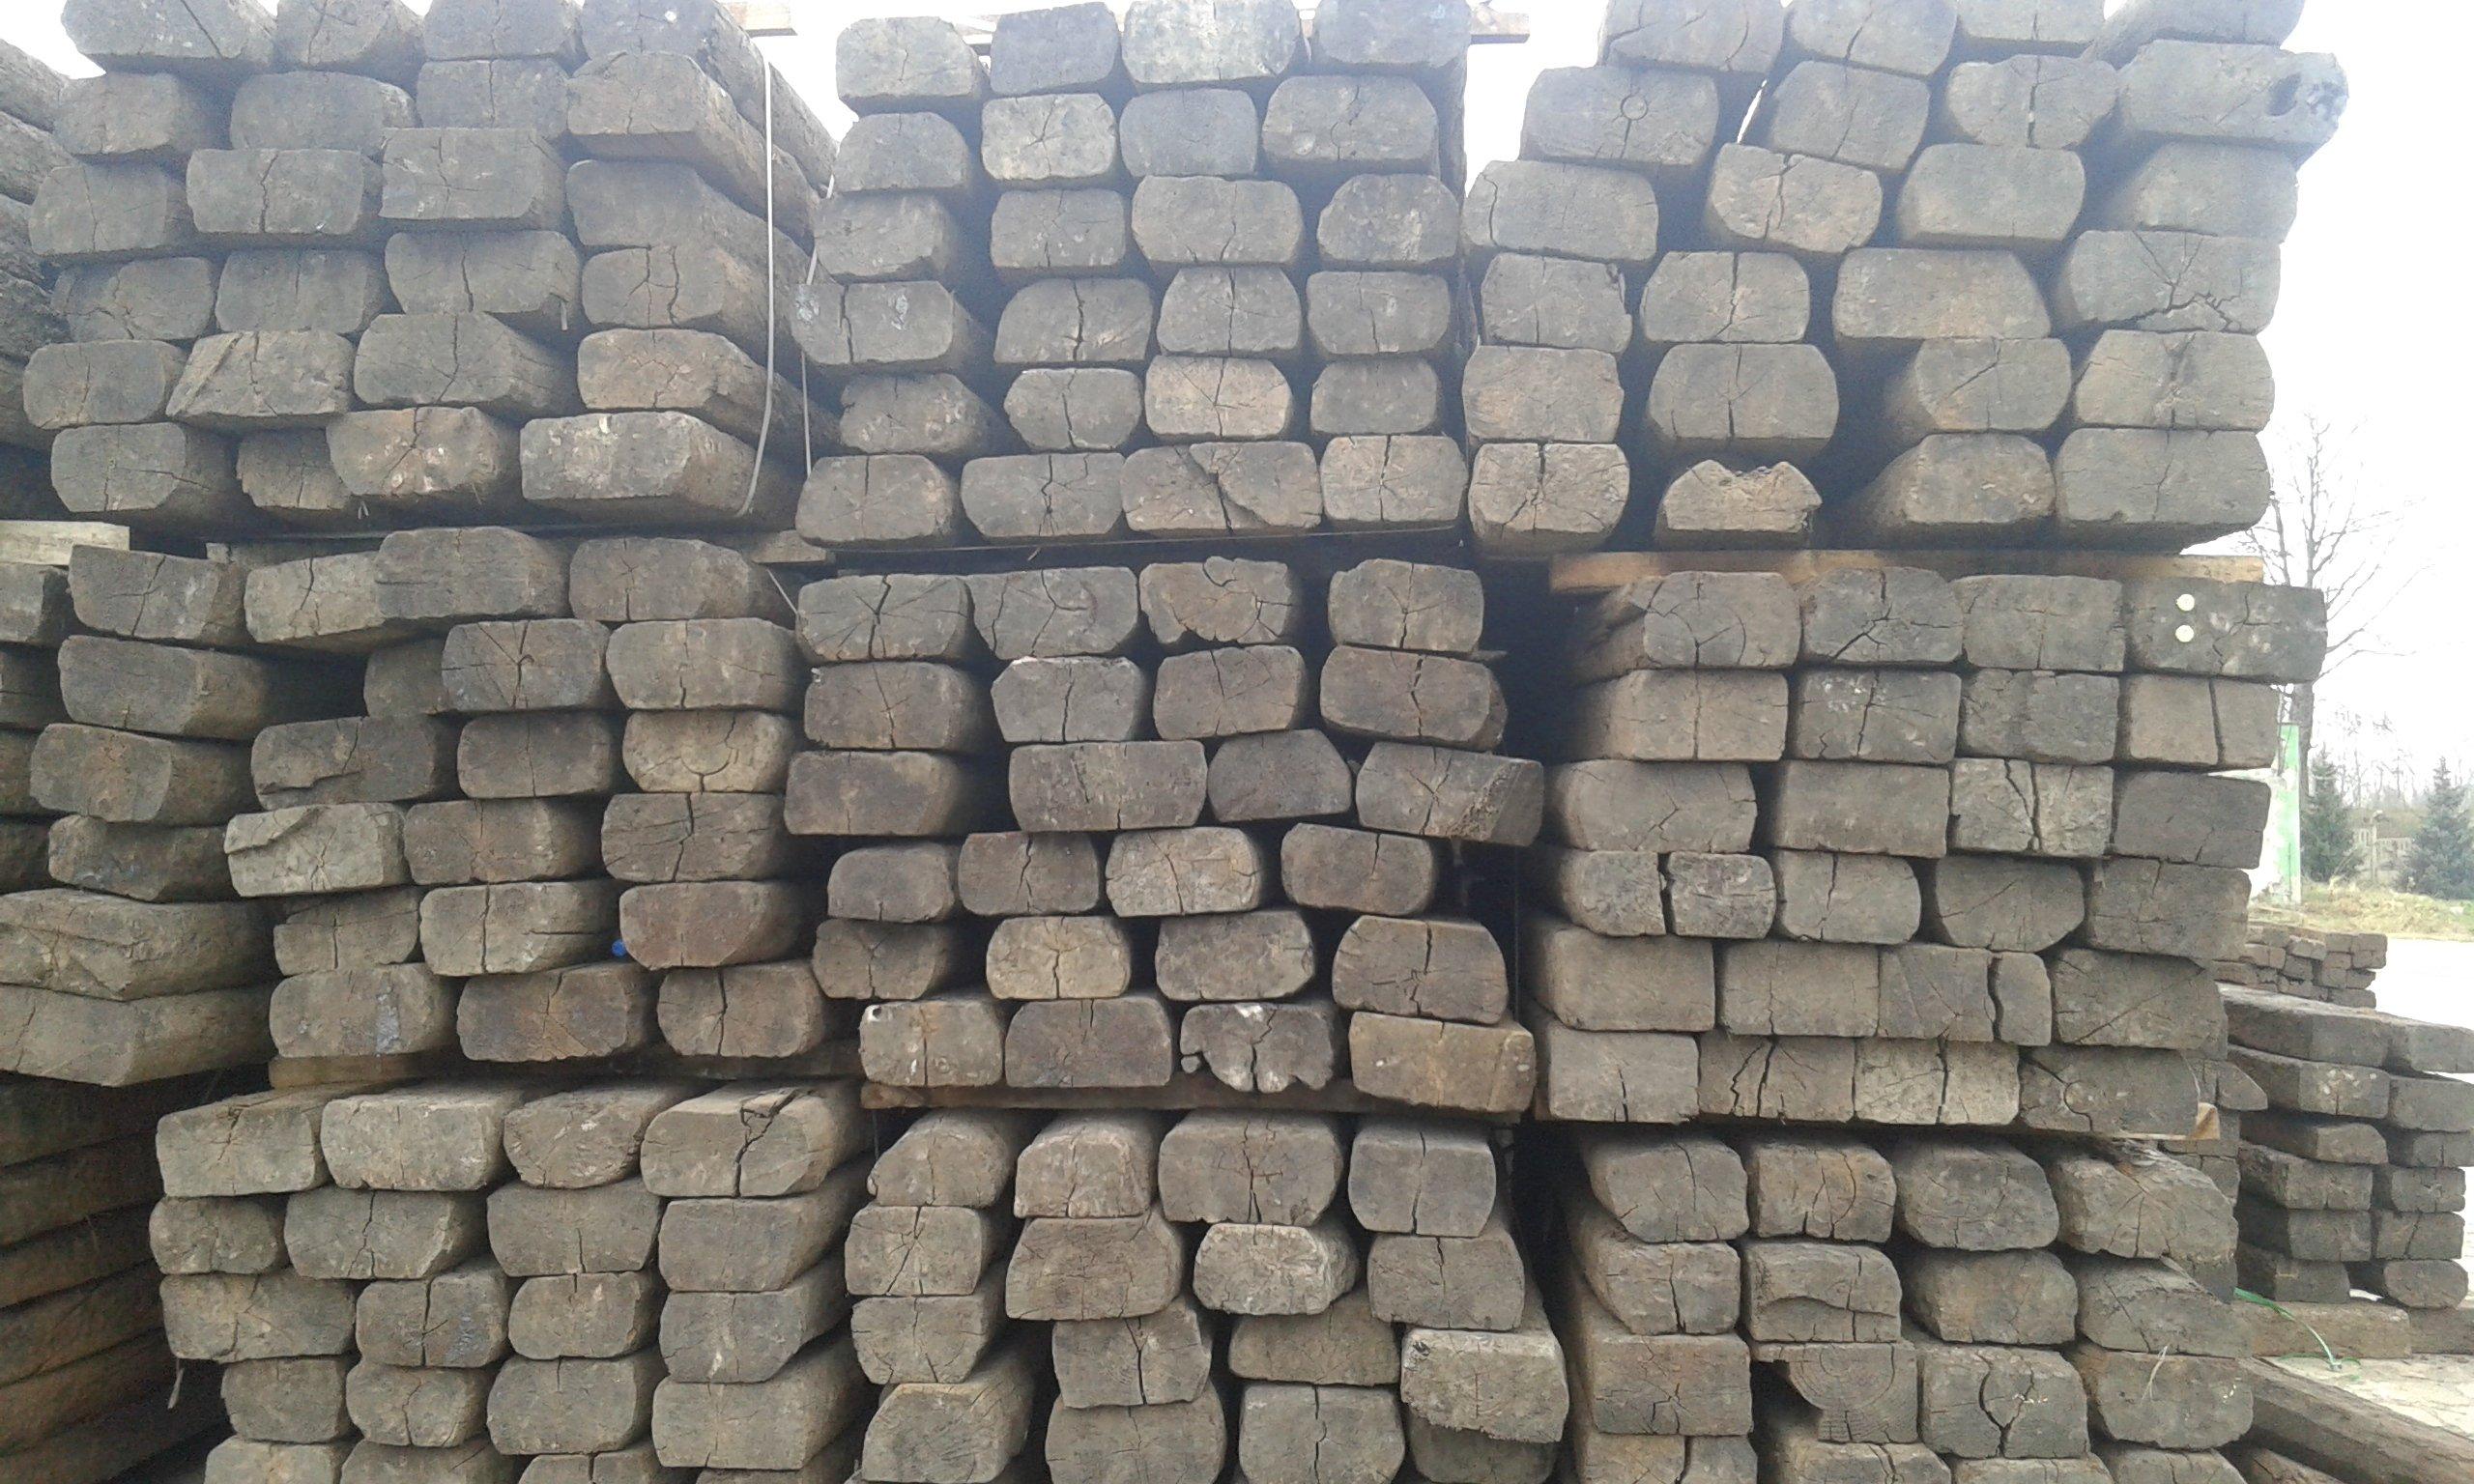 Podkłady drewniane belki do aranżacji w ogrodzie